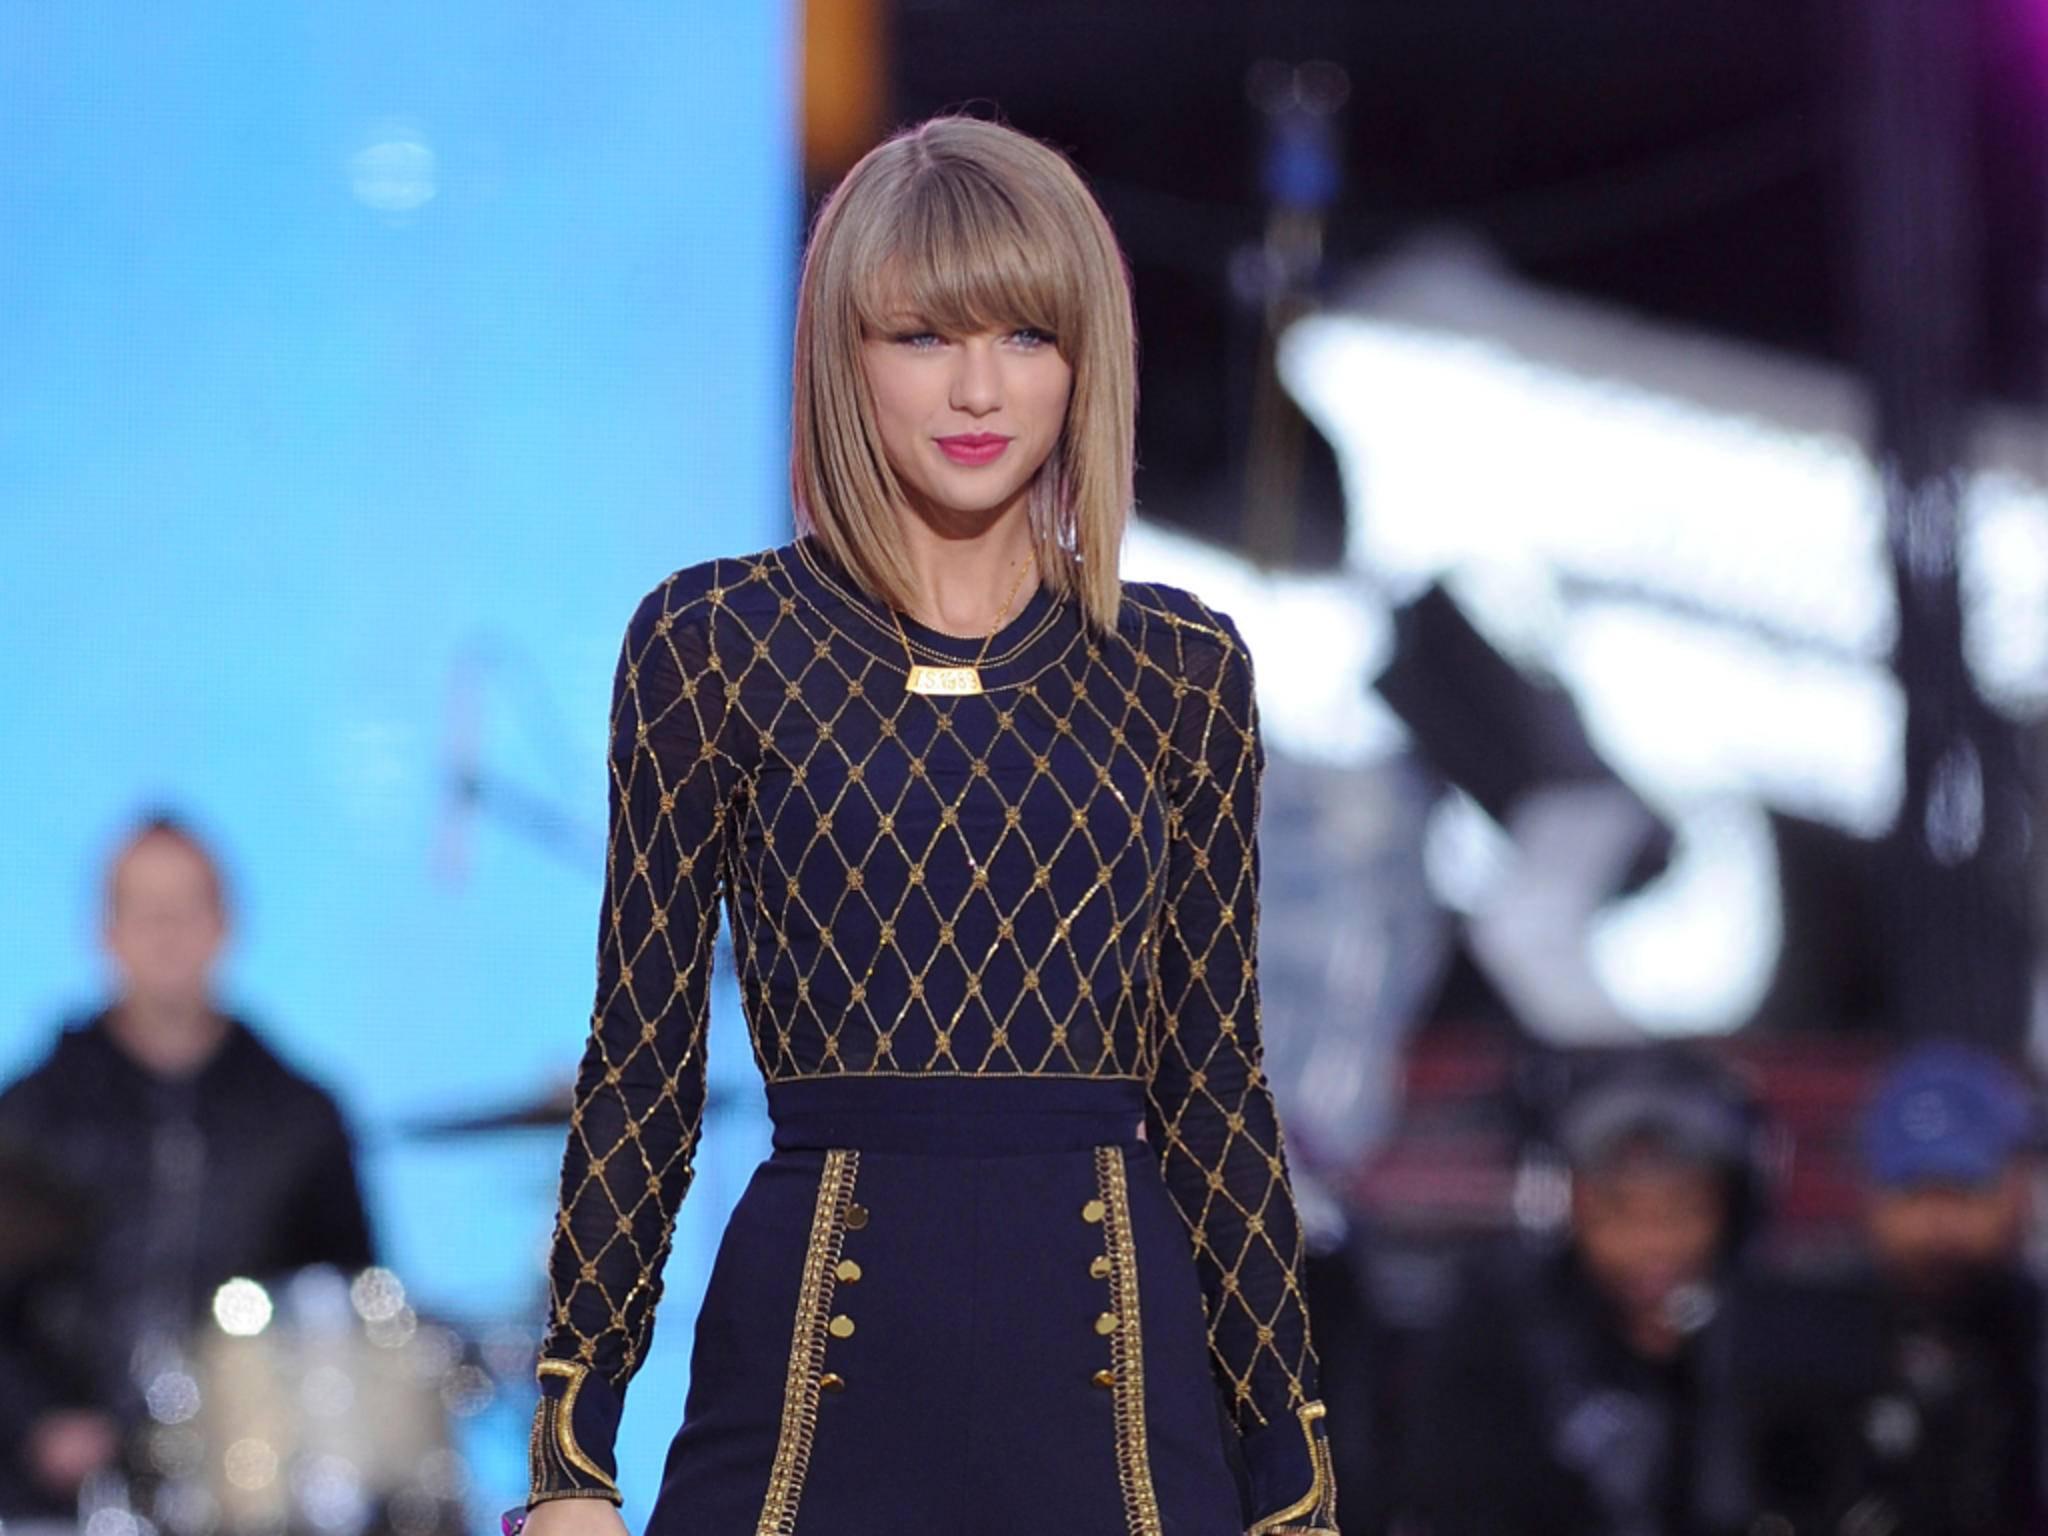 Alben von Taylor Swift gibt es auf Spotify nicht mehr zu hören.